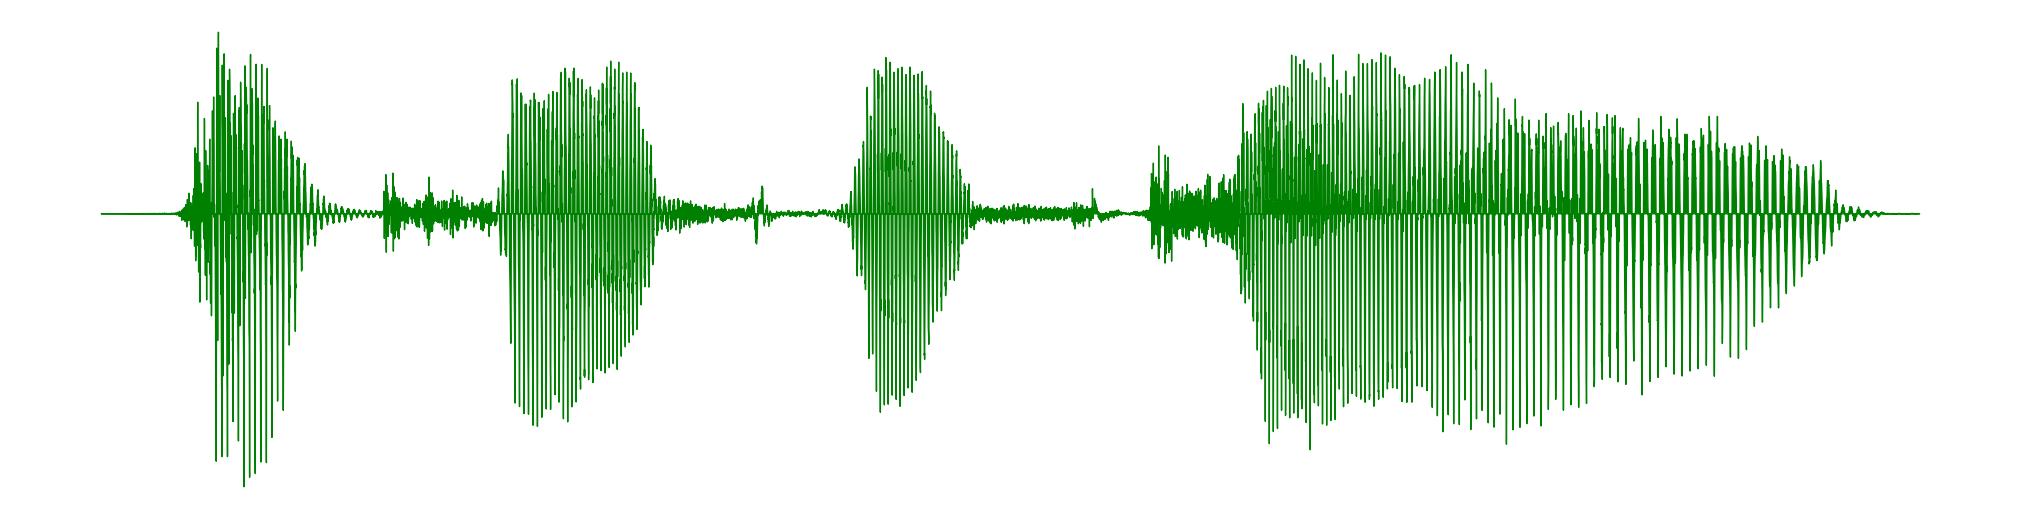 Python 3.7 音频文件生成波形图